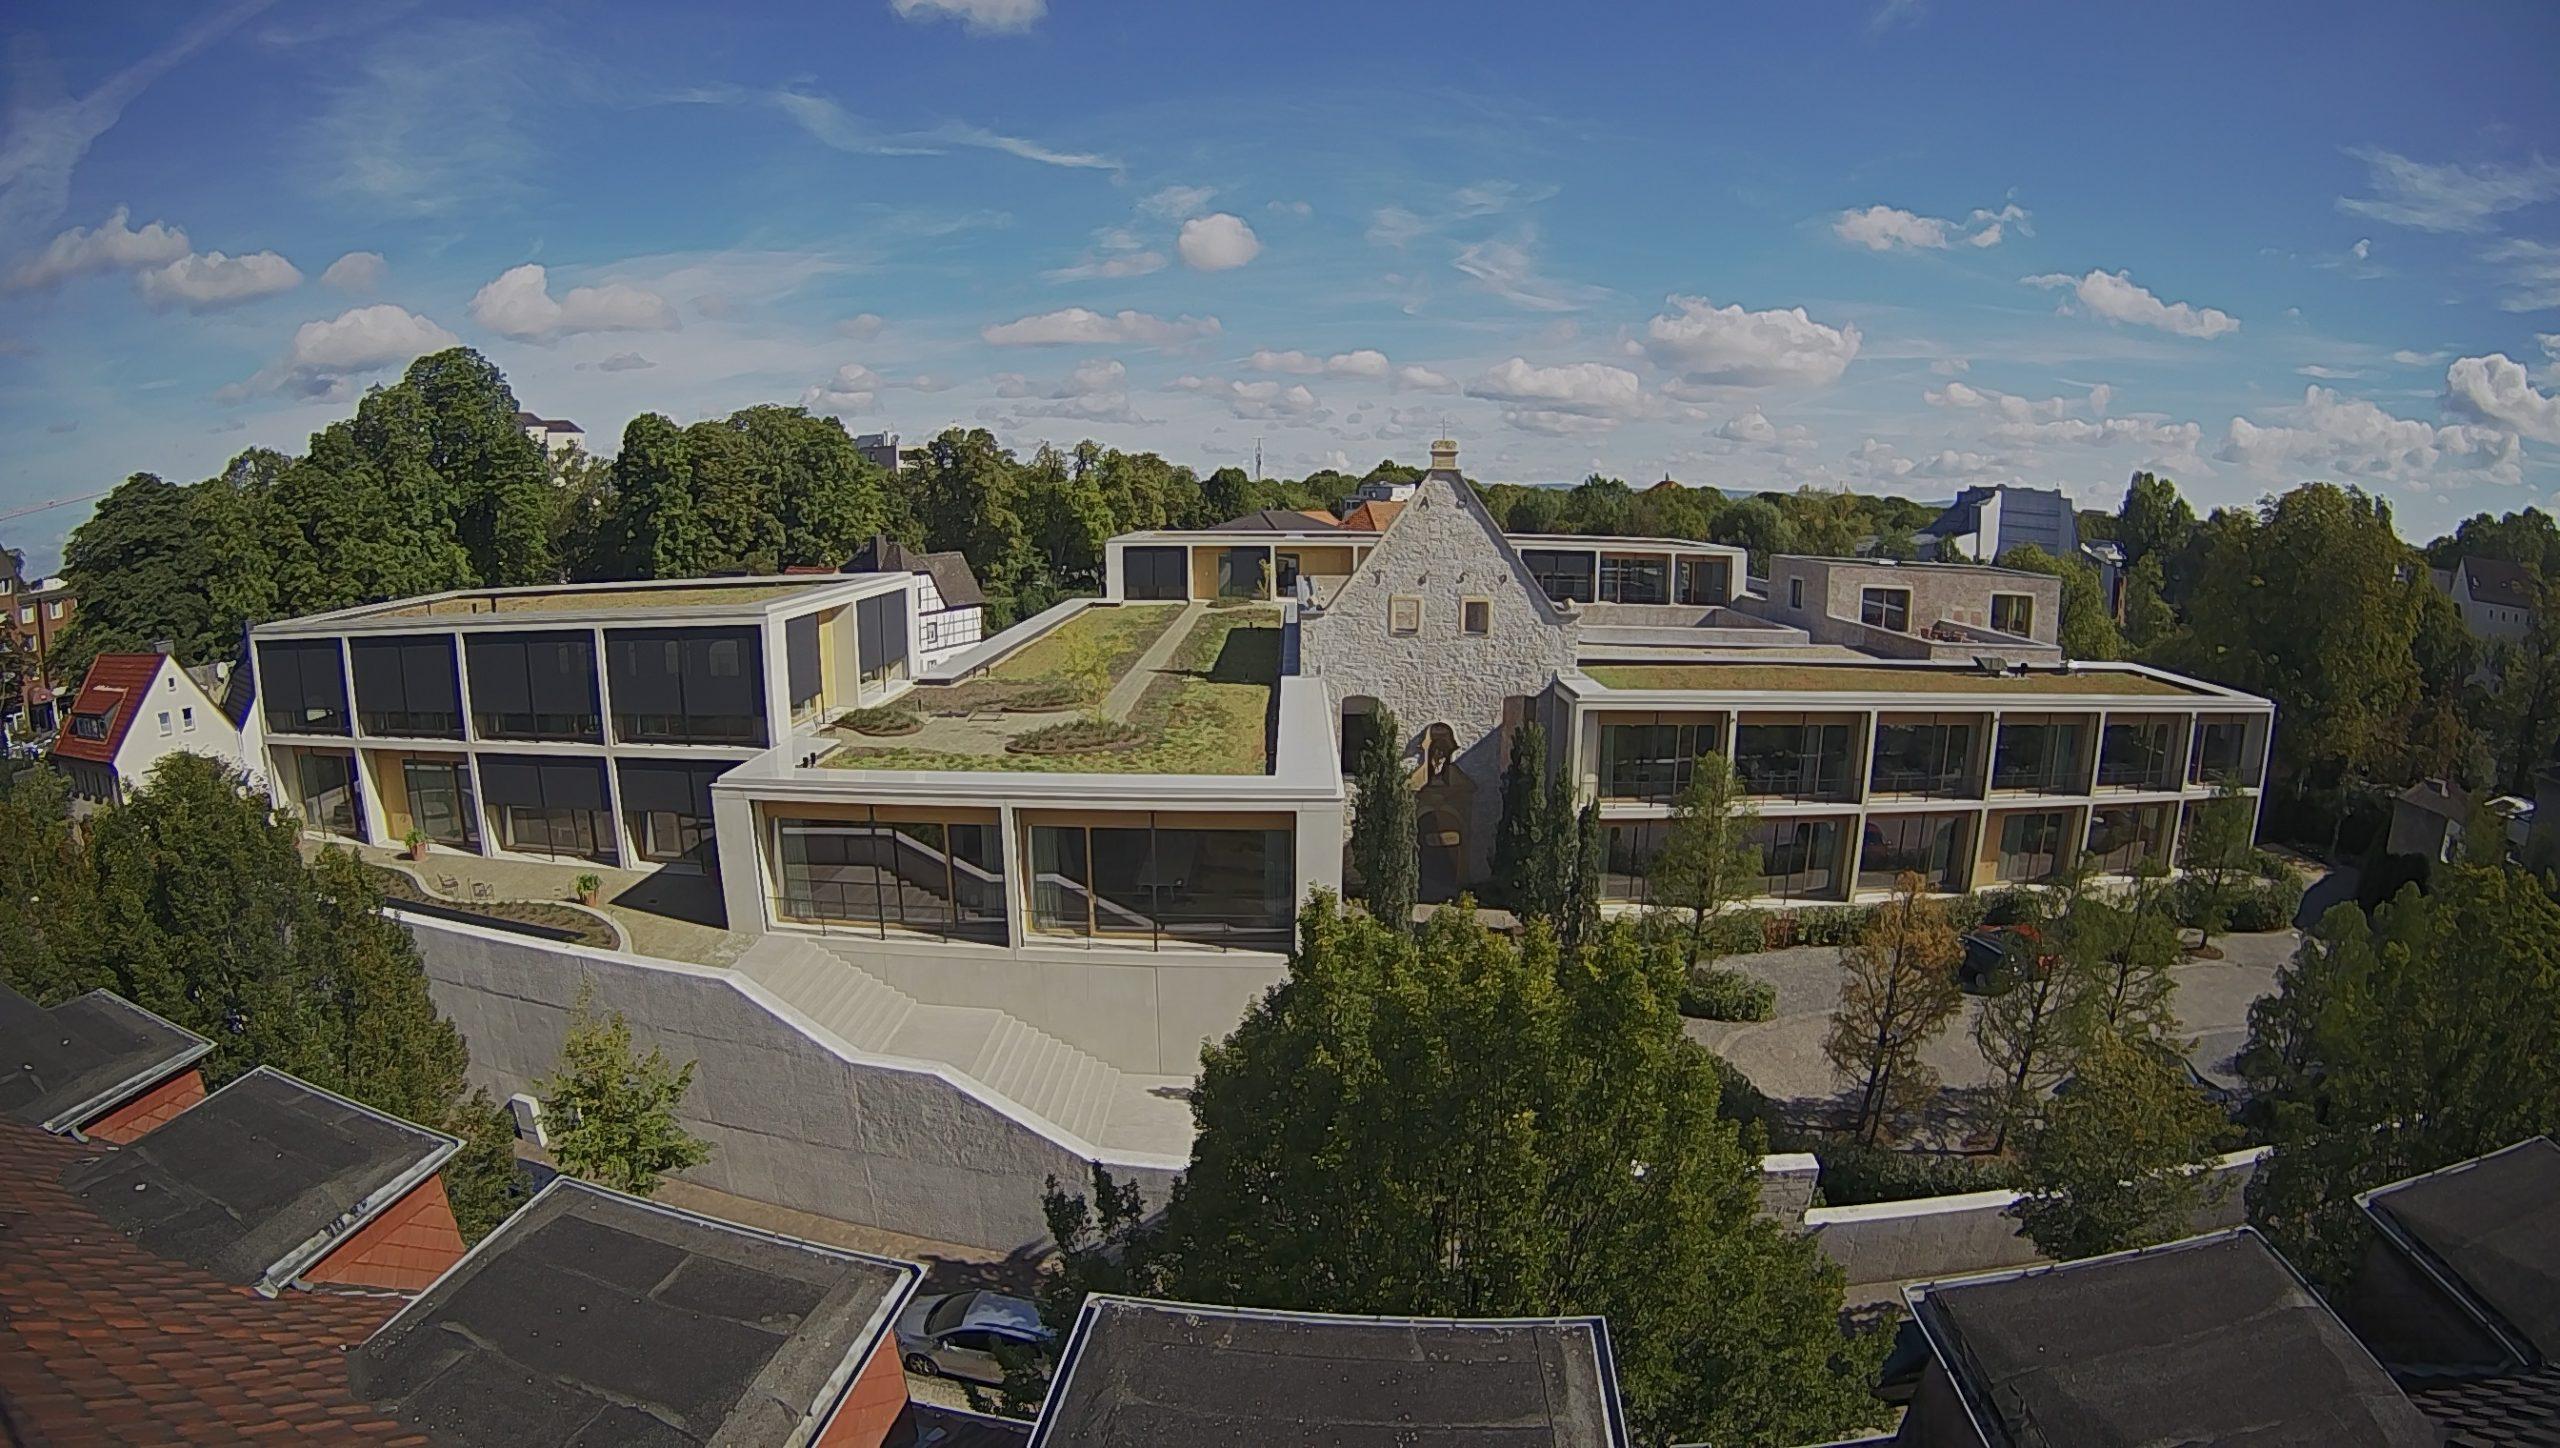 Das Headquarter der Tap Holding, die Jacoby Studios, wurden nach Entwürfen von David Chipperfield Architects Berlin gebaut.